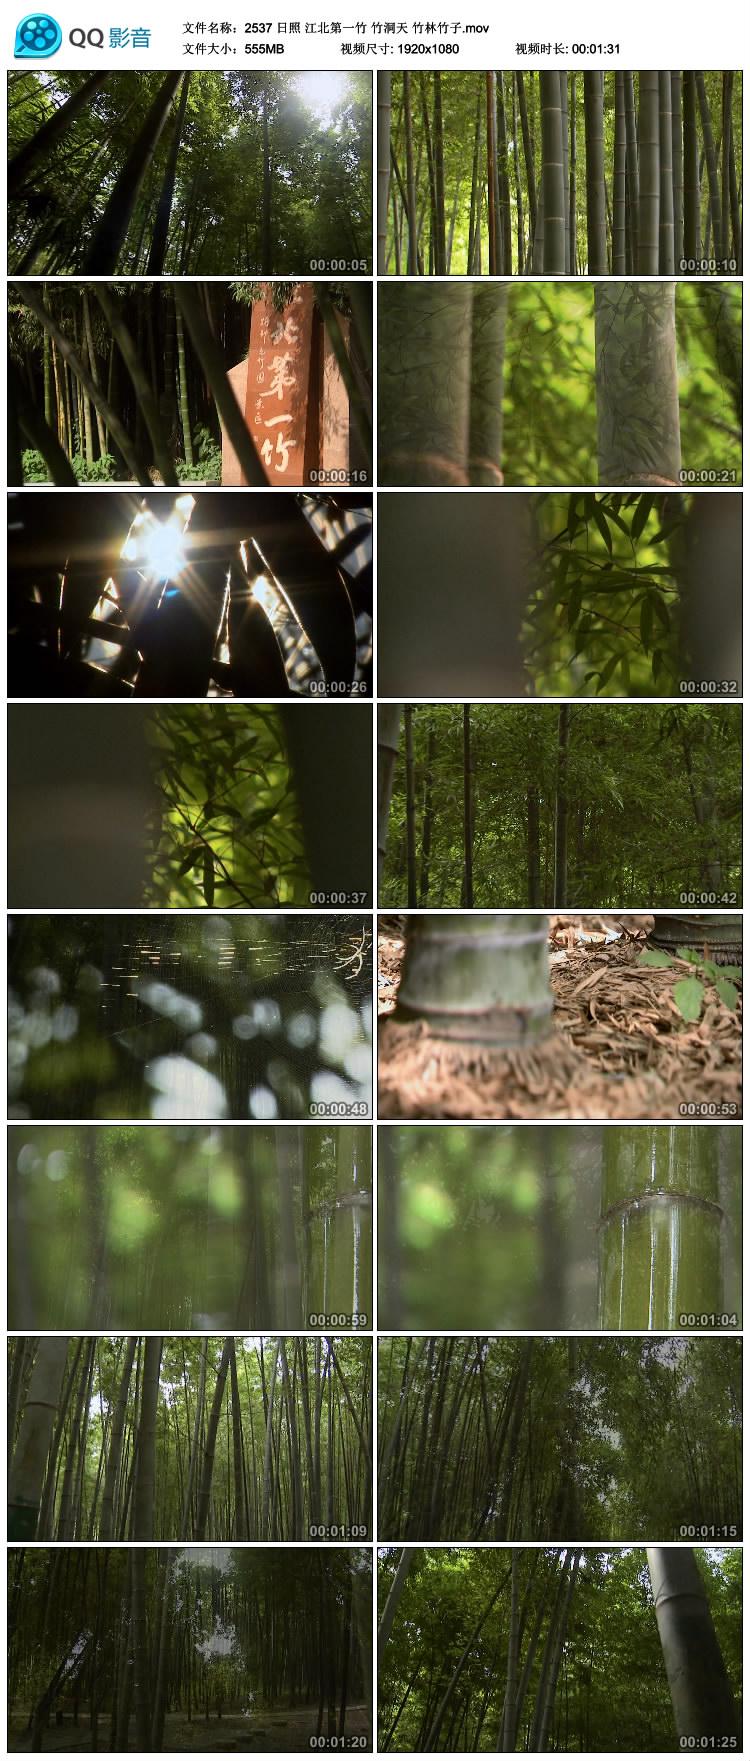 日照 江北第一竹 竹洞天 竹林竹子 高清实拍视频素材